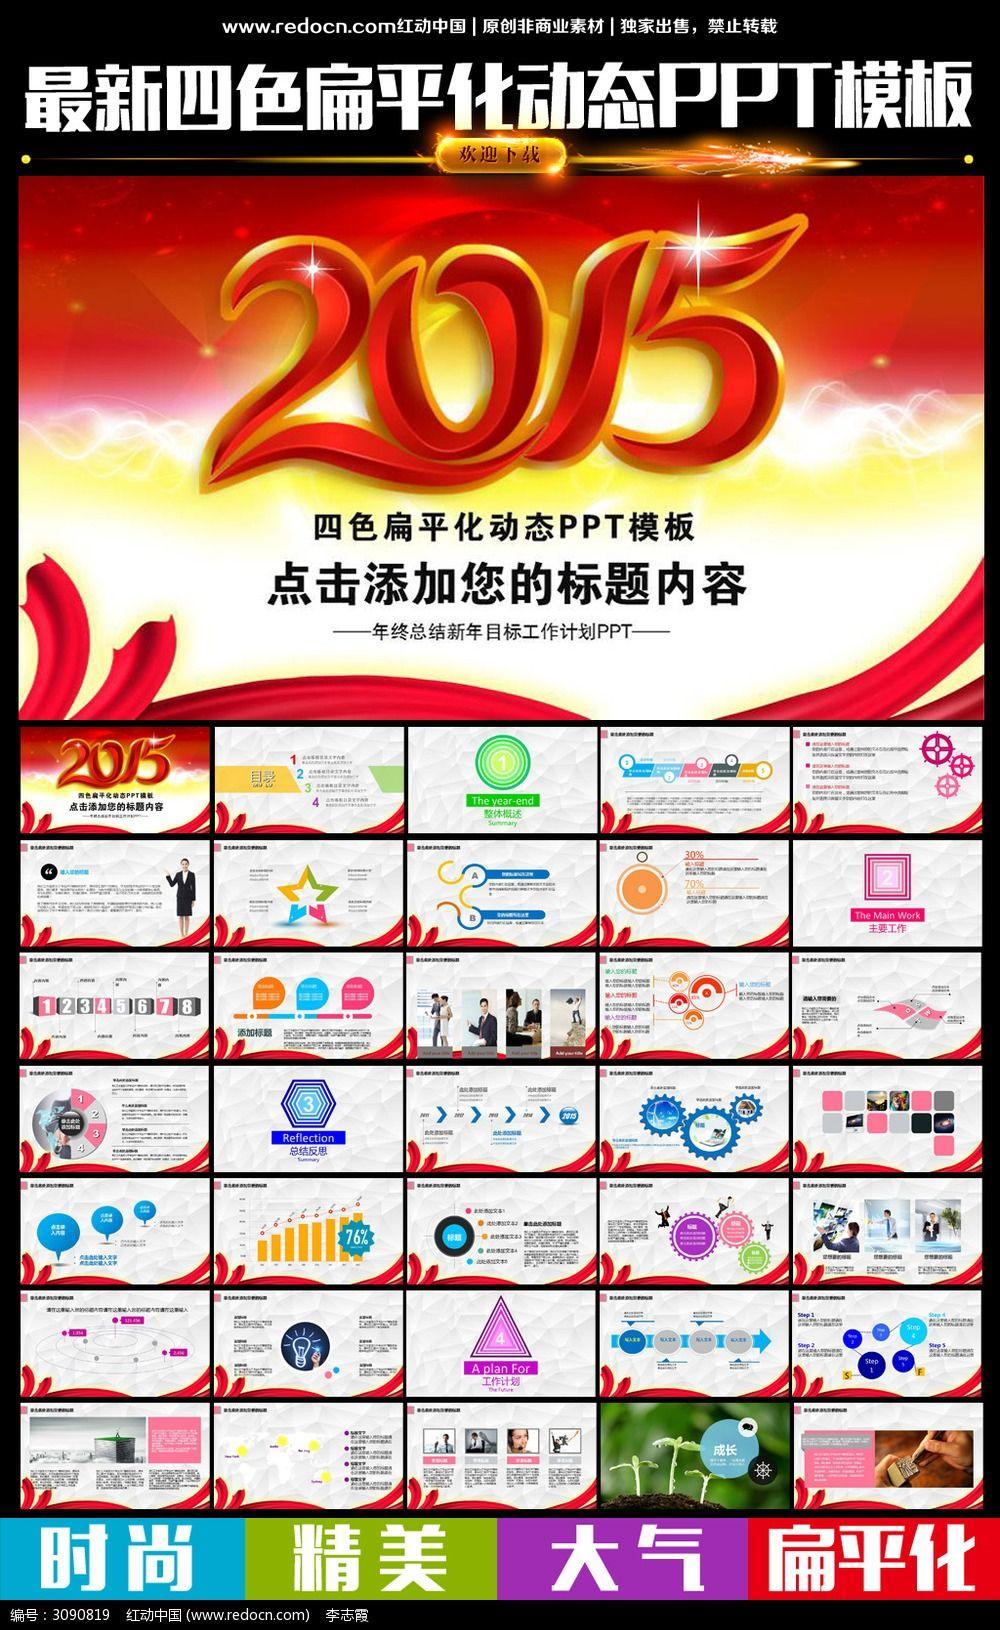 2015年工作总结新年计划ppt模板